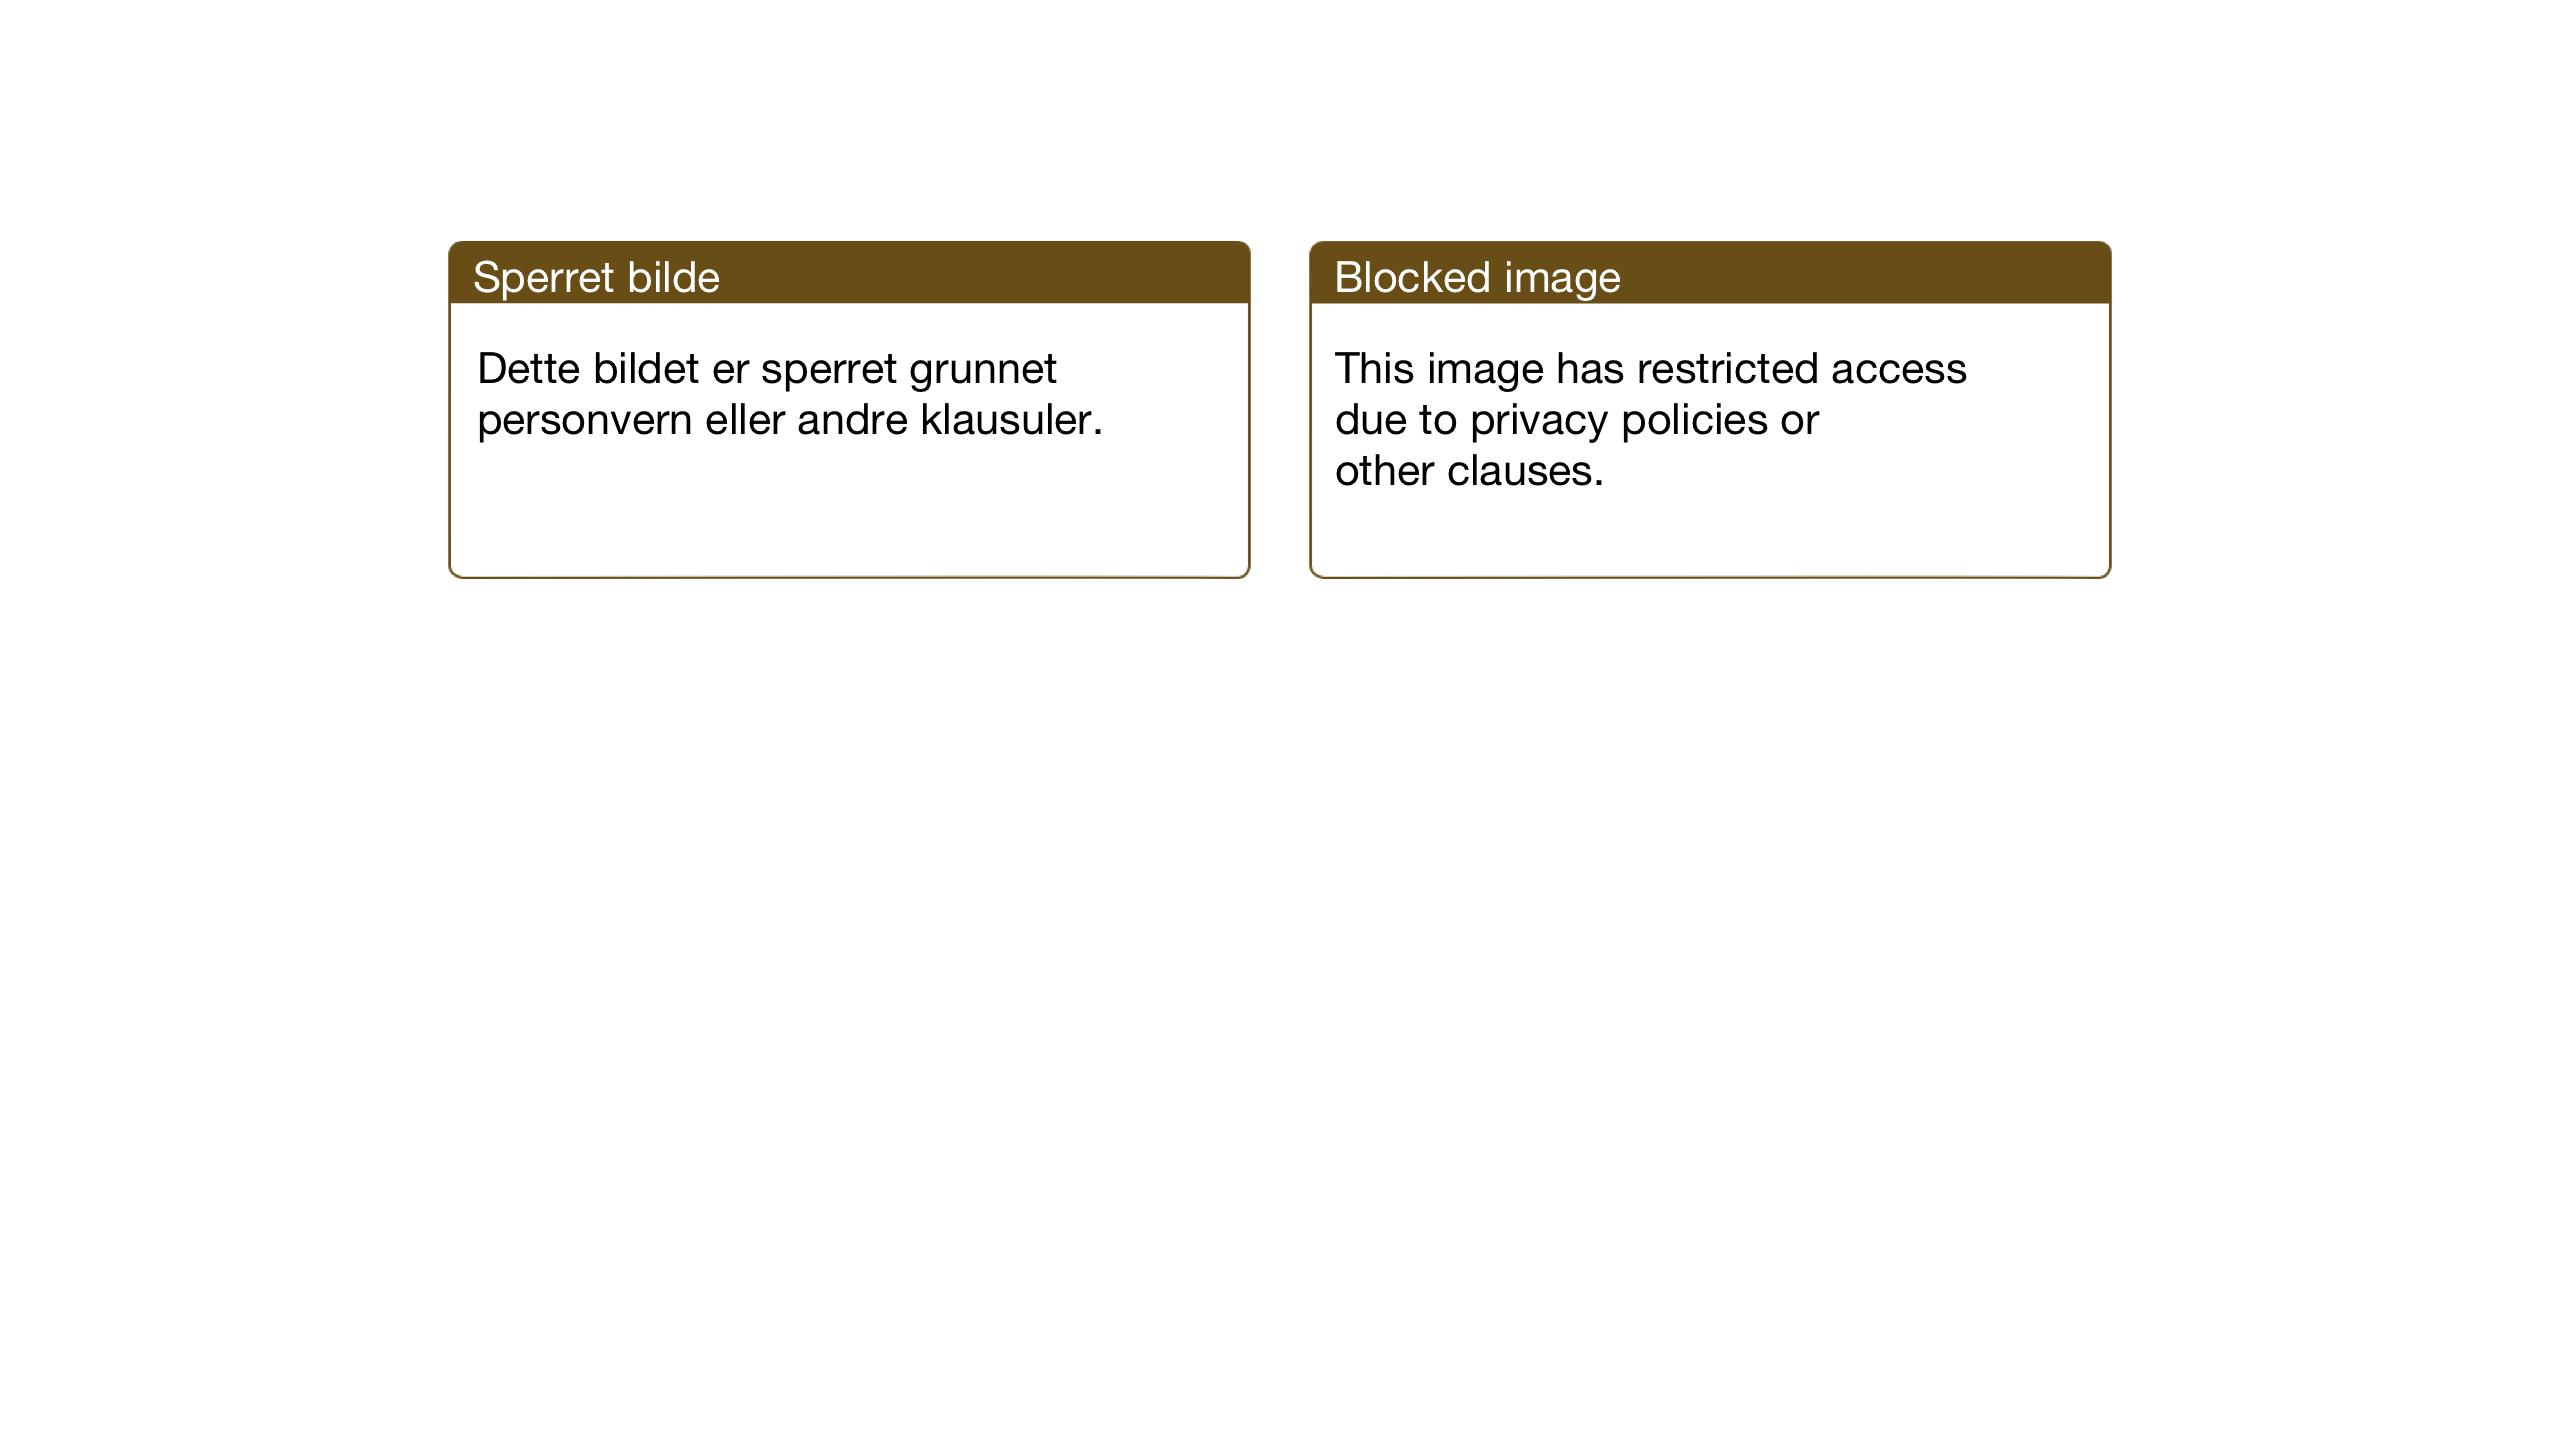 SAT, Ministerialprotokoller, klokkerbøker og fødselsregistre - Nord-Trøndelag, 768/L0583: Klokkerbok nr. 768C01, 1928-1953, s. 33